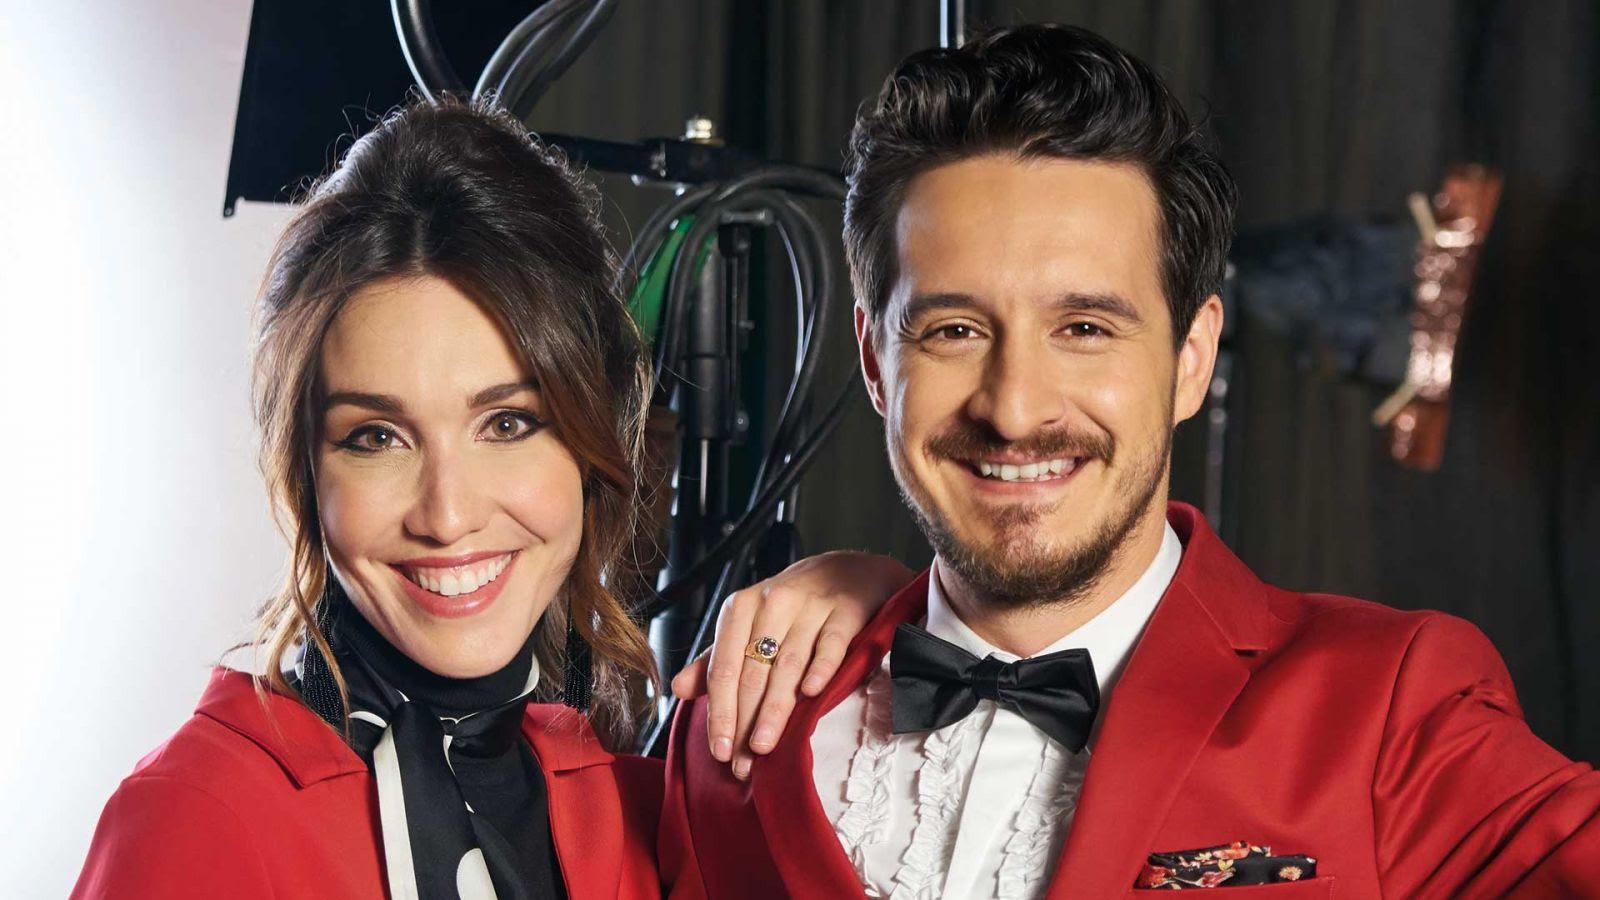 NOUS | Ce soir, Bianca Gervais et Sébastien Diaz animeront un quiz en direct sur Facebook